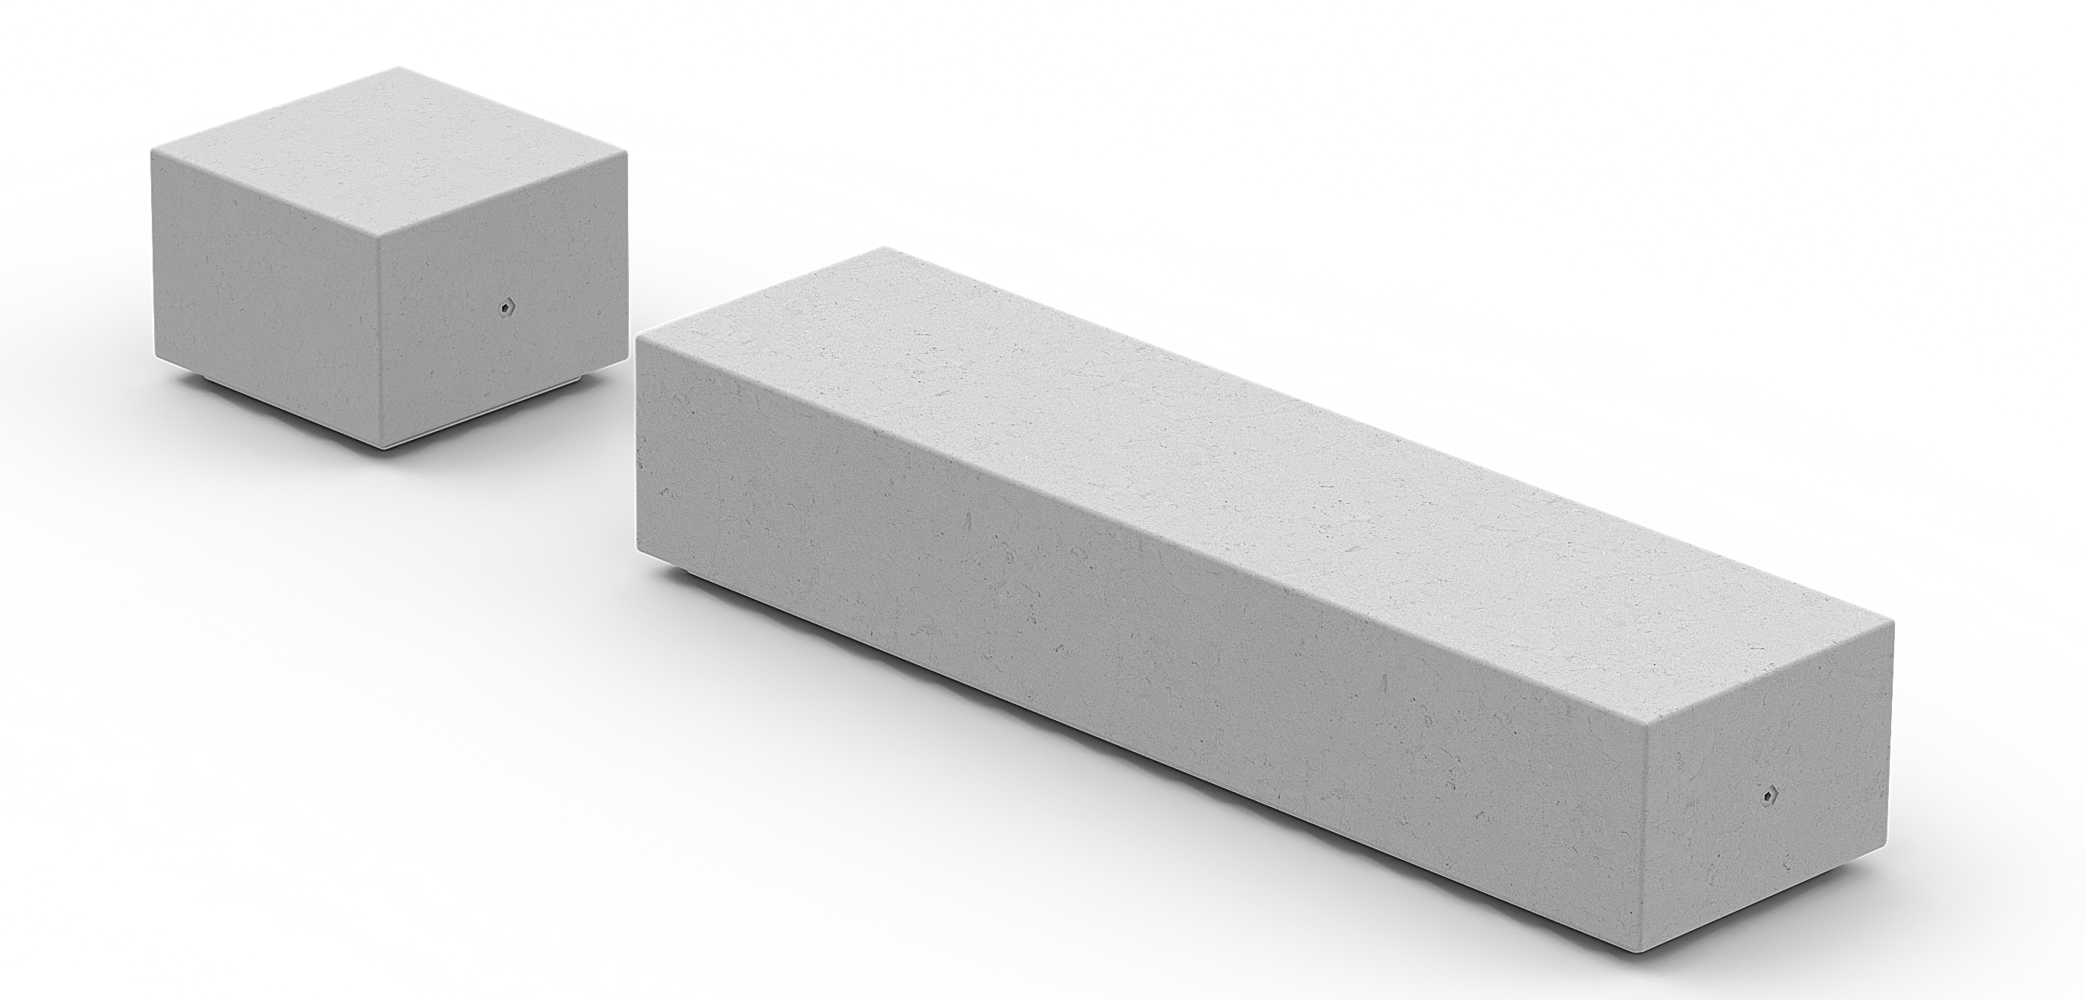 Sedute moderne ibox metalco for Sedute di design